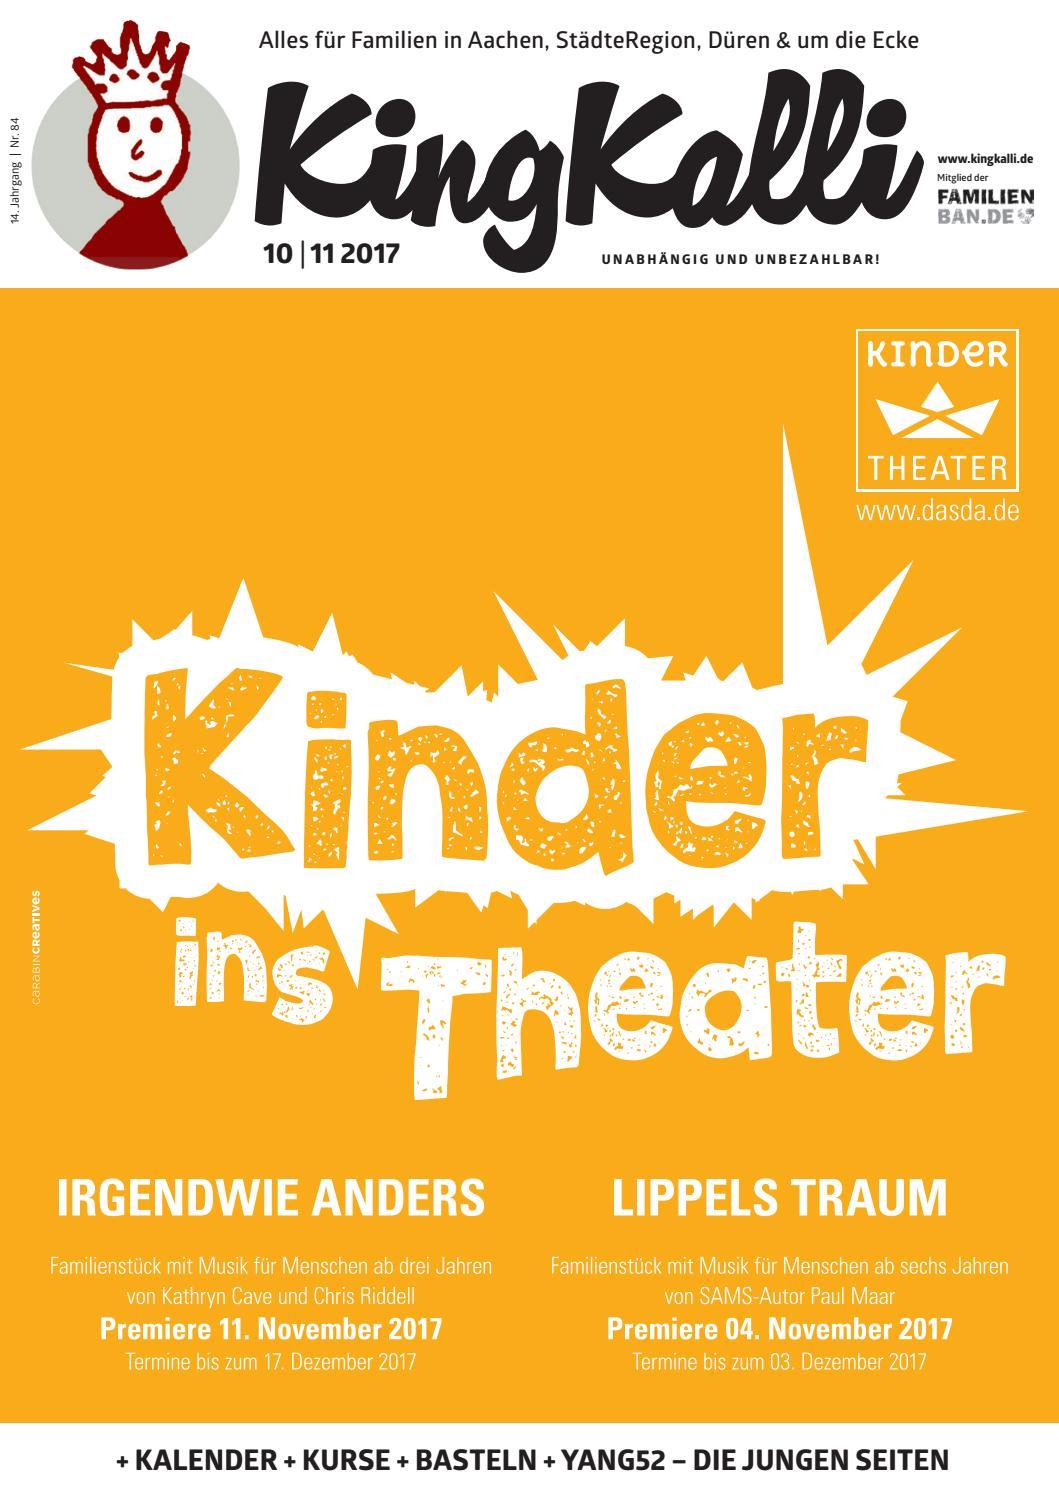 KingKalli 84 | Alles für Familien in Aachen und um die Ecke by ...